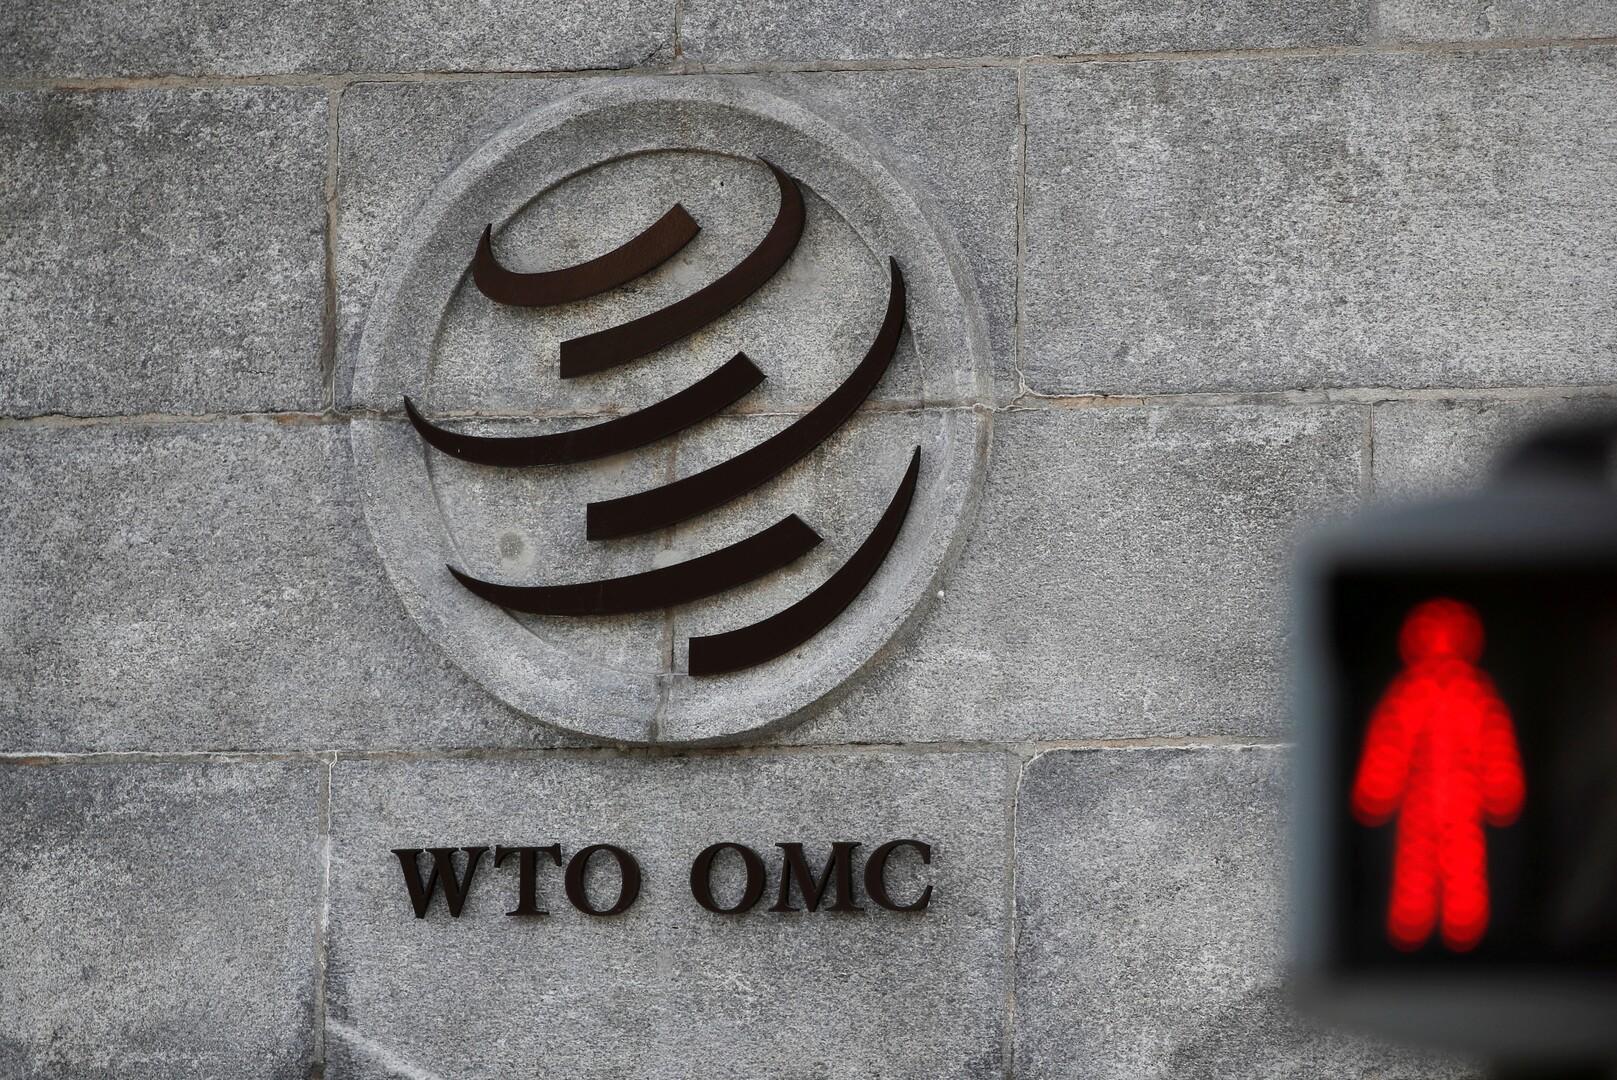 منظمة التجارة العالمية تجيز لواشنطن فرض رسوم على سلع أوروبية